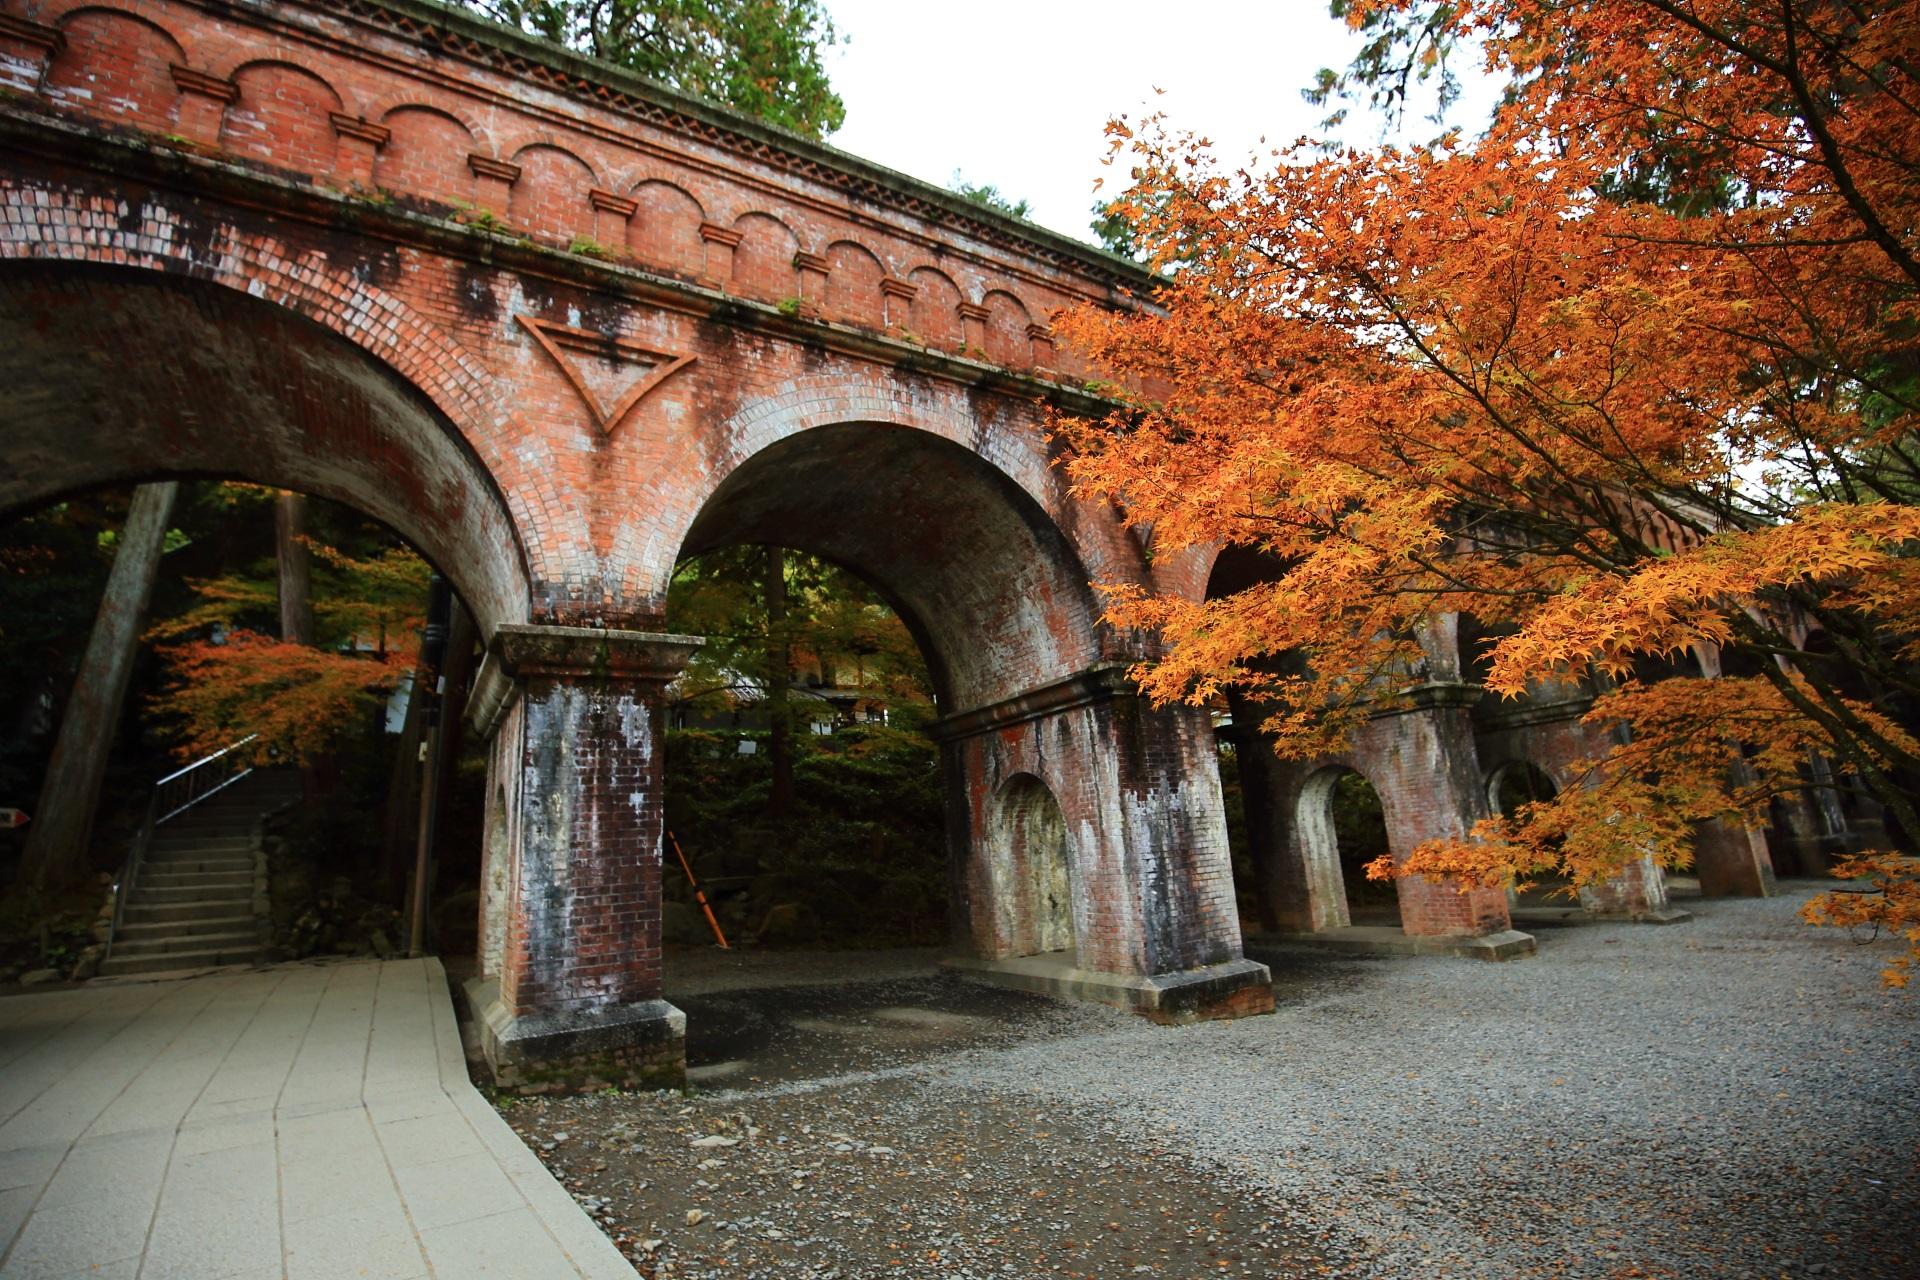 煉瓦造りの水路閣を彩るオレンジの紅葉